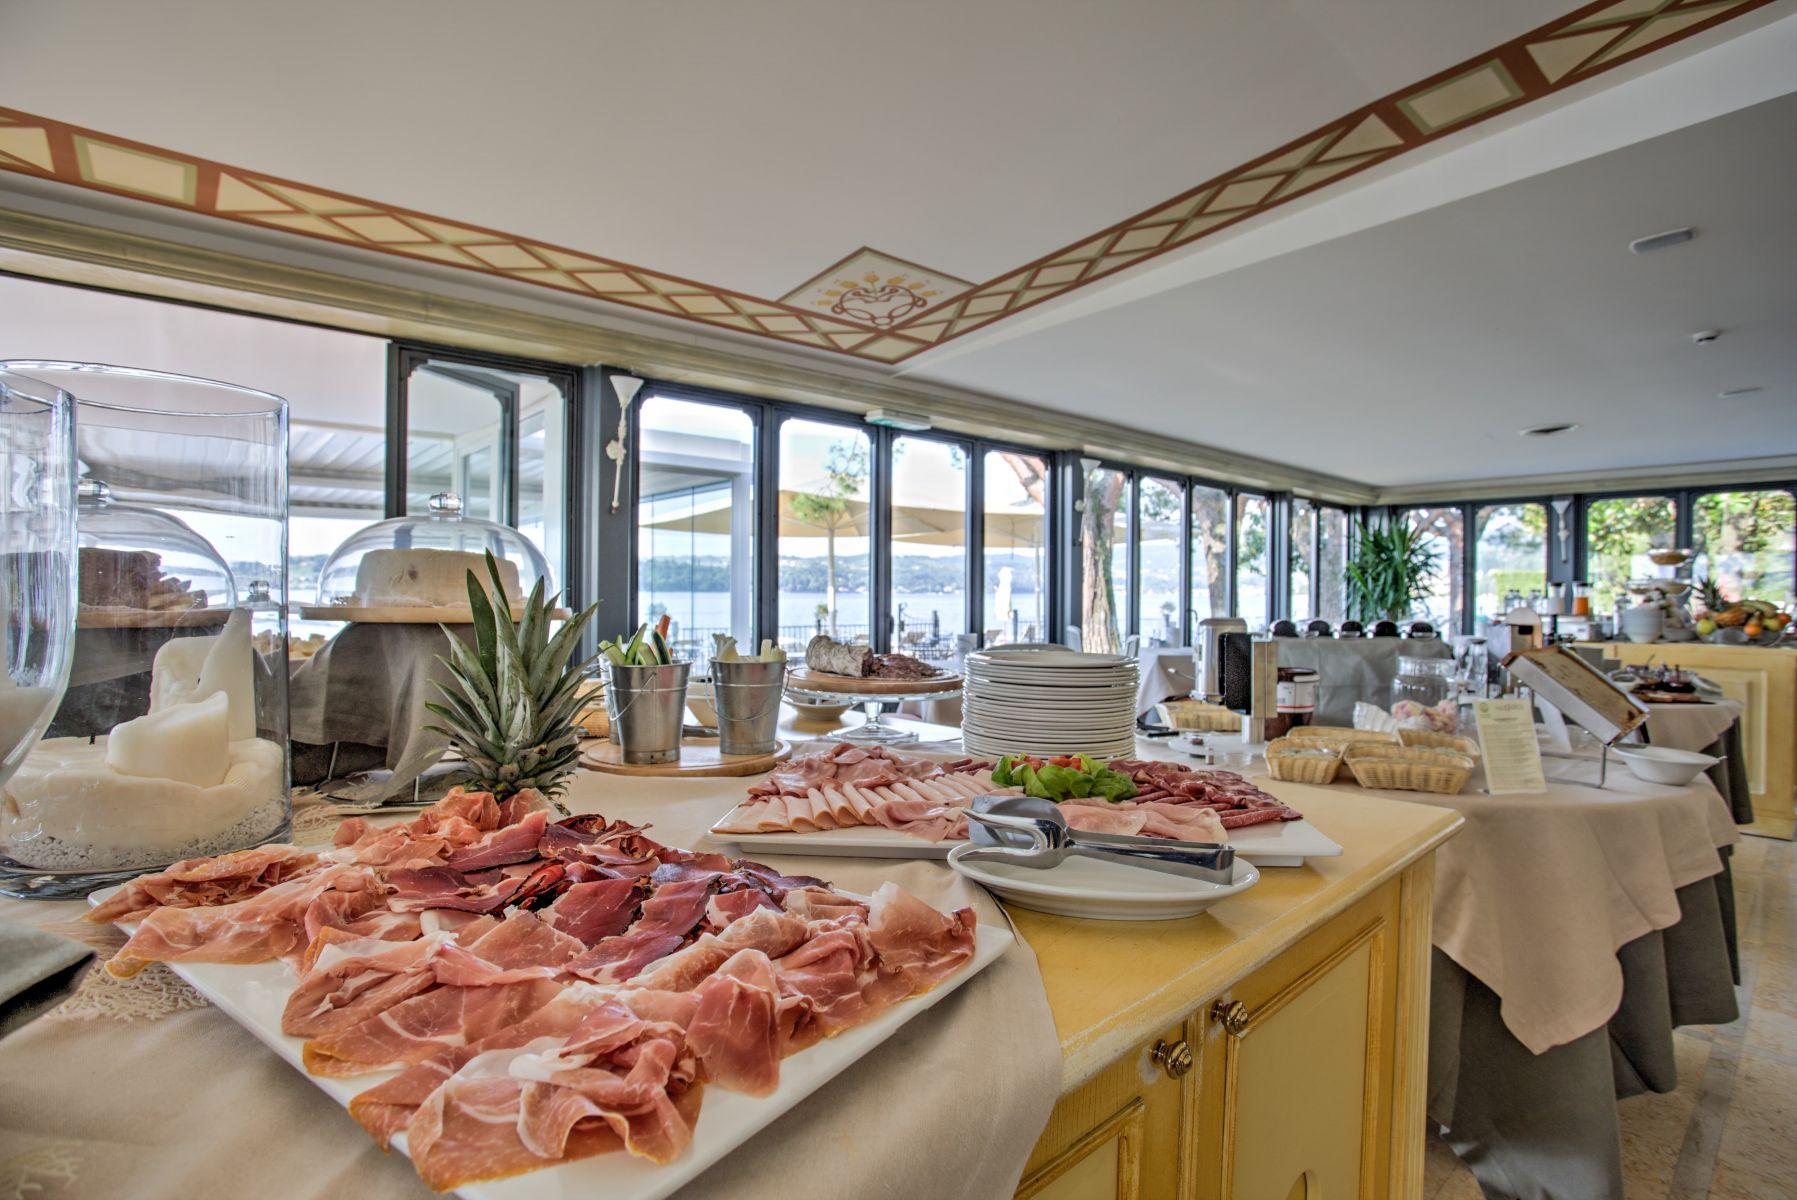 h tel avec restaurant au lac de garde h tel spiaggia d 39 oro. Black Bedroom Furniture Sets. Home Design Ideas